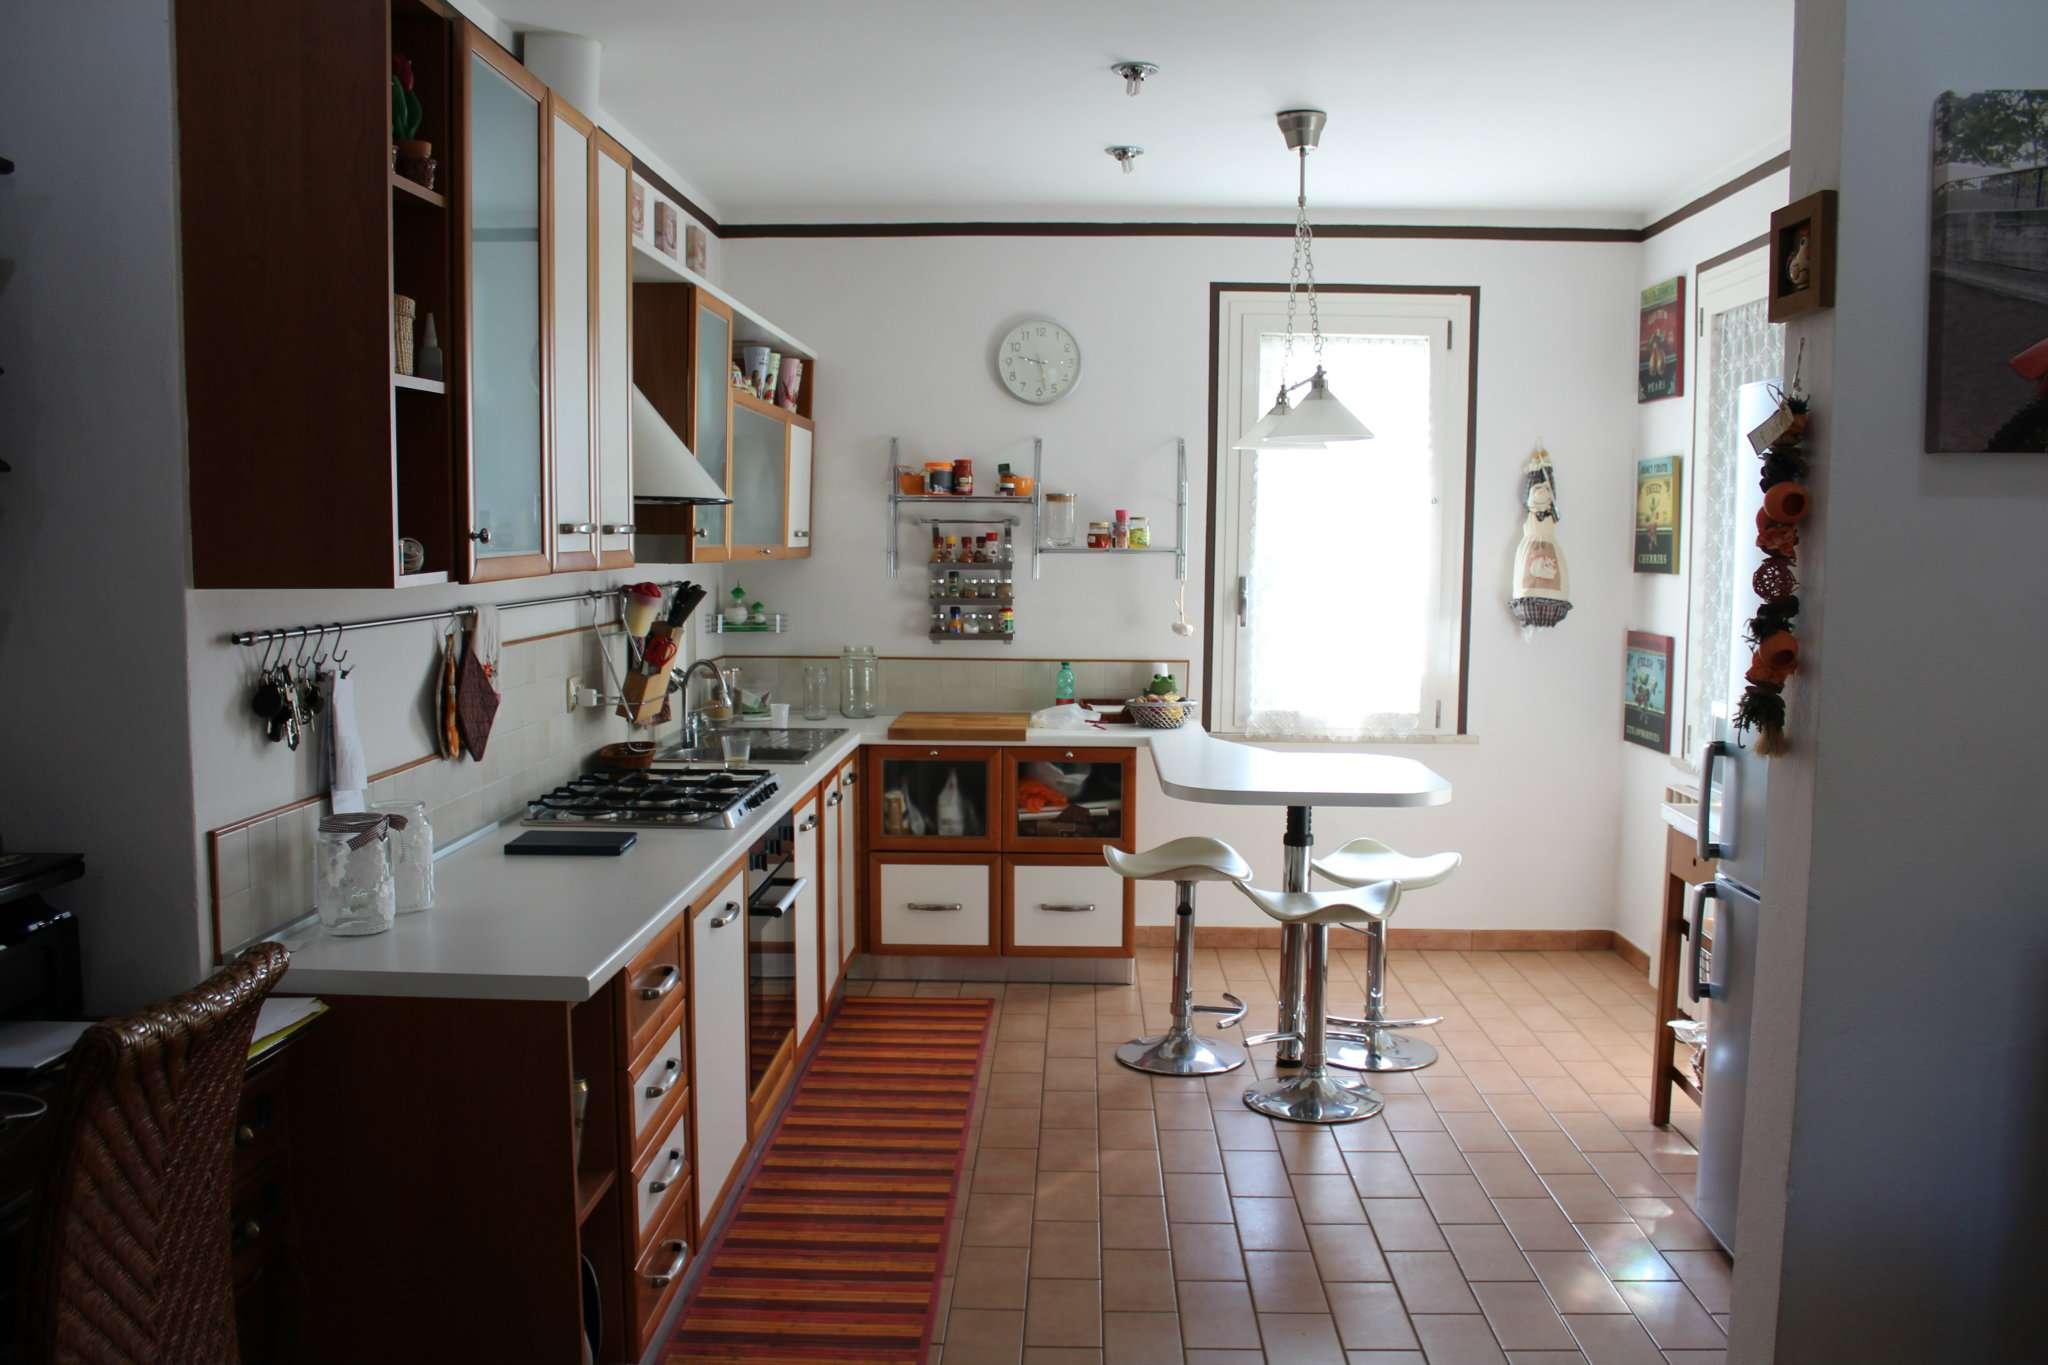 Soluzione Indipendente in vendita a Tavullia, 9 locali, prezzo € 240.000 | CambioCasa.it